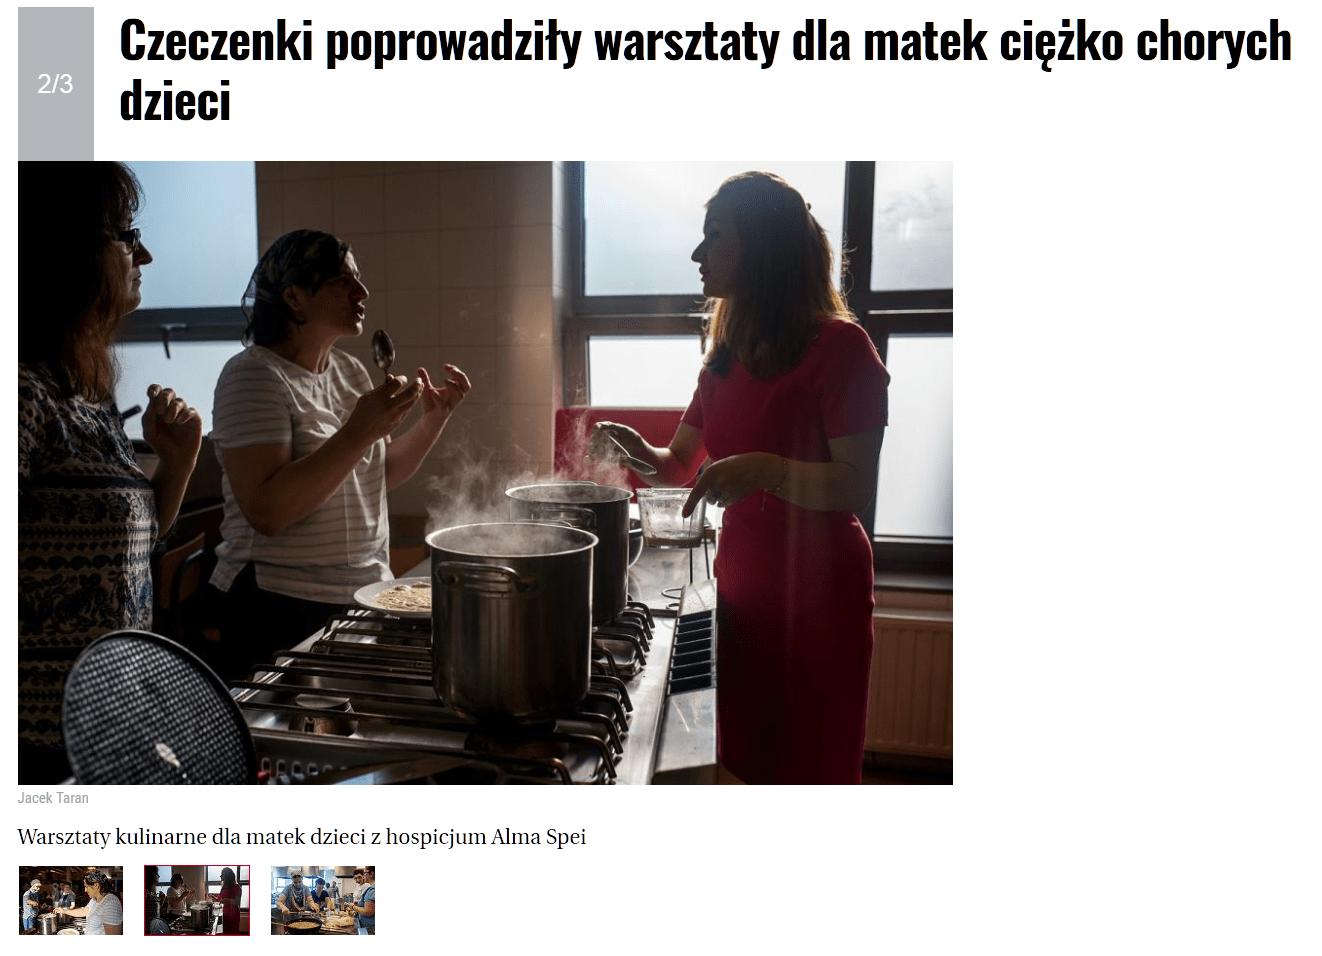 Jacek Taran Gazeta Wyborcza Publikacja Alma Spei